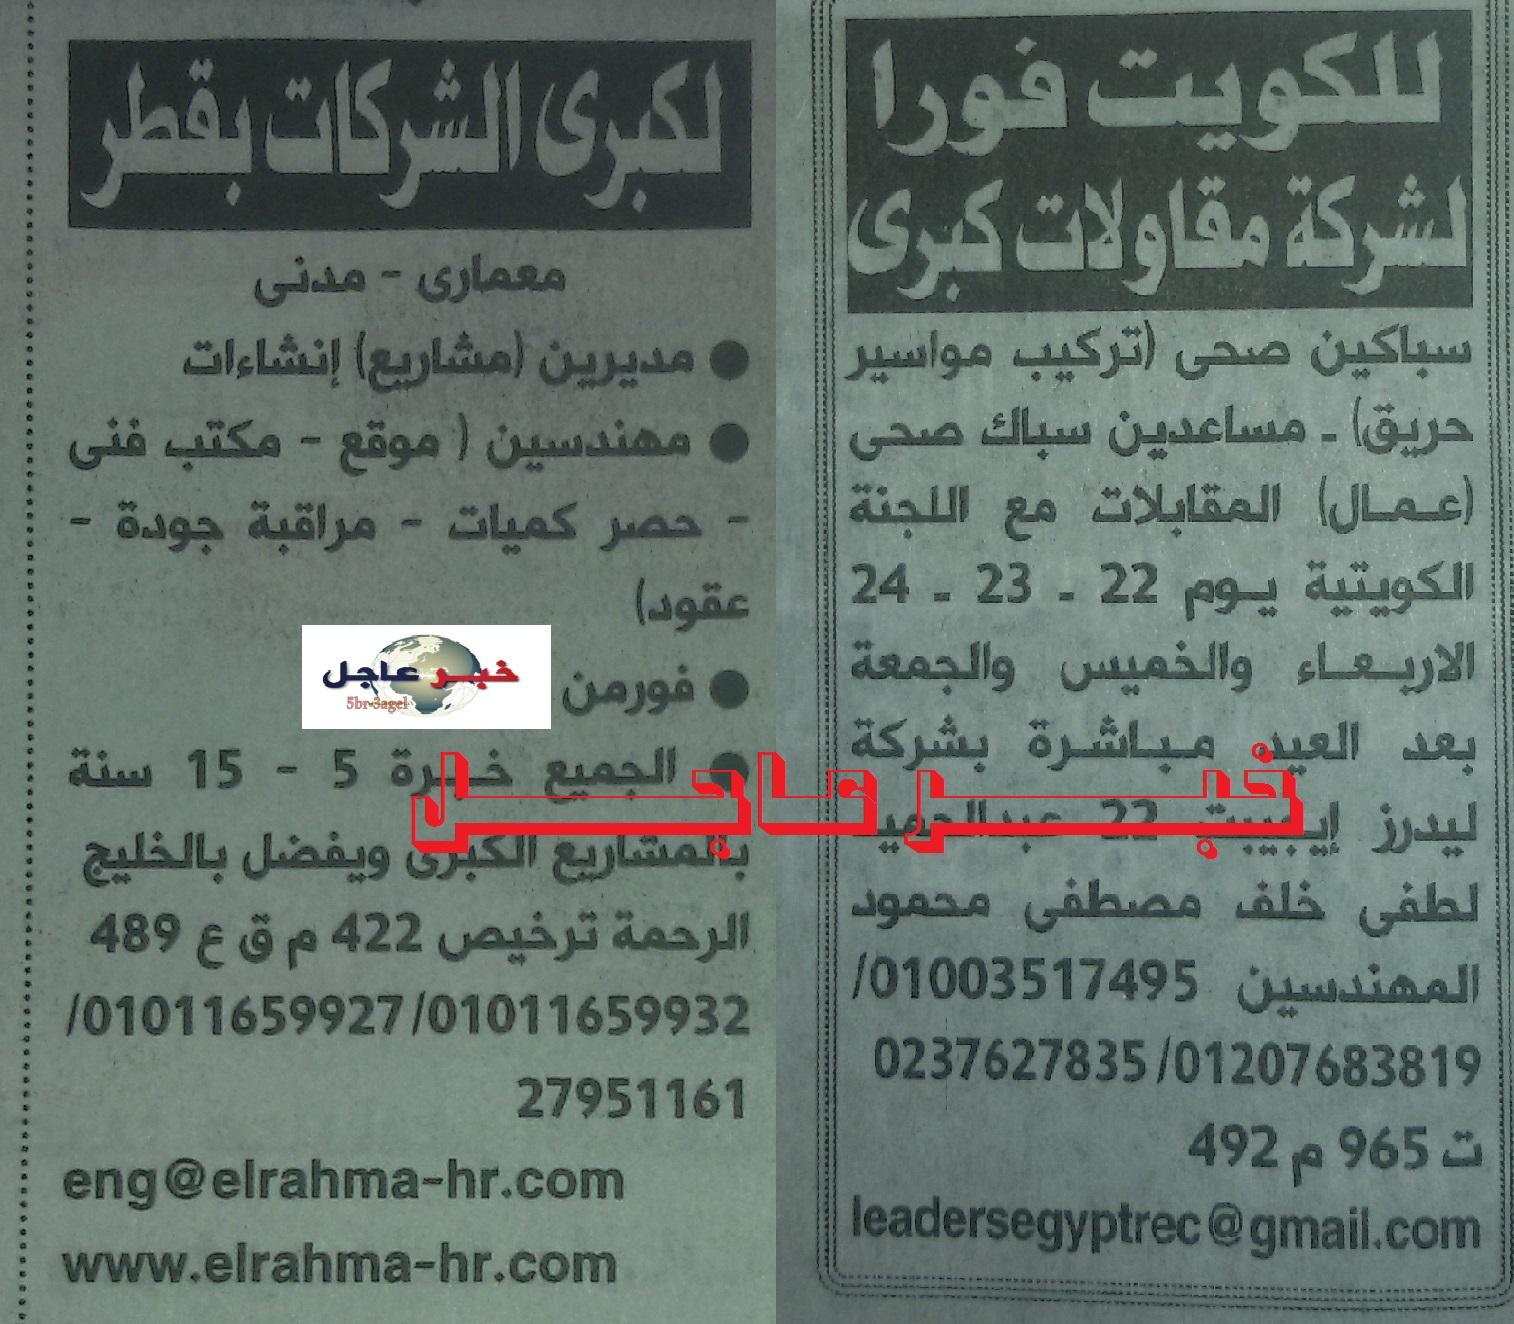 """اعلان وظائف لكبرى الشركات بدولة """" الكويت وقطر """" منشور بالاهرام 10 / 7 / 2015"""